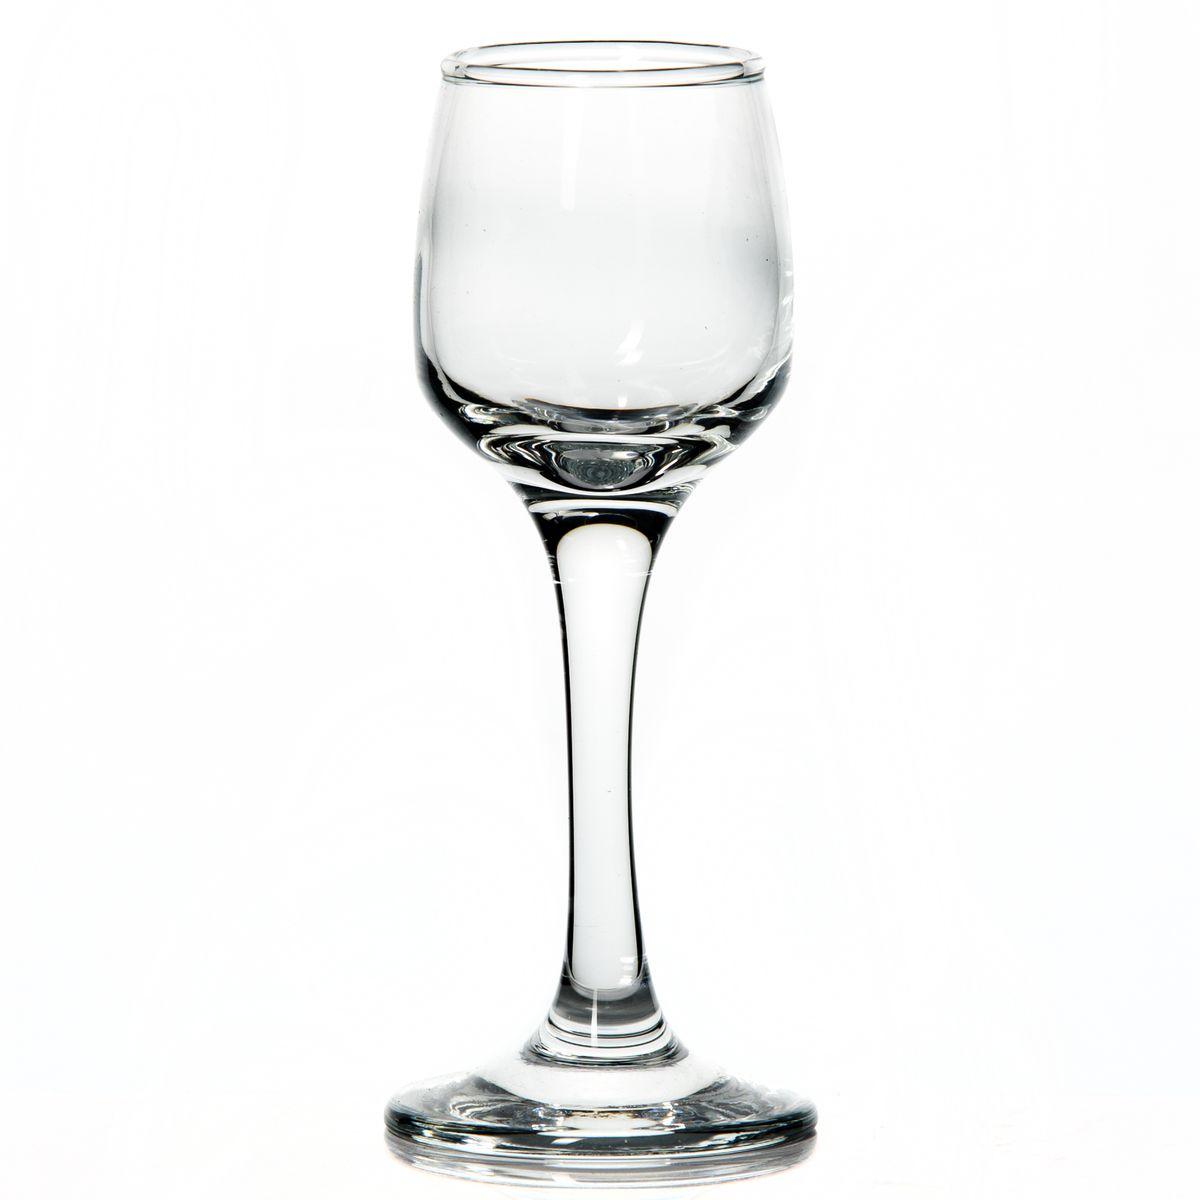 Набор бокалов Pasabahce Isabella, 65 мл, 3 шт440164BНабор Pasabahce Isabella состоит из трех бокалов, выполненных из прочного натрий-кальций-силикатного стекла. Изделия имеют изящные ножки и гладкие прозрачные стенки. Бокалы сочетают в себе элегантный дизайн и функциональность. Благодаря такому набору пить напитки будет еще вкуснее.Набор бокалов Pasabahce Isabella прекрасно оформит праздничный стол и создаст приятную атмосферу за ужином. Такой набор также станет хорошим подарком к любому случаю. Можно мыть в посудомоечной машине.Диаметр бокала (по верхнему краю): 4,5 см. Высота бокала: 14 см.